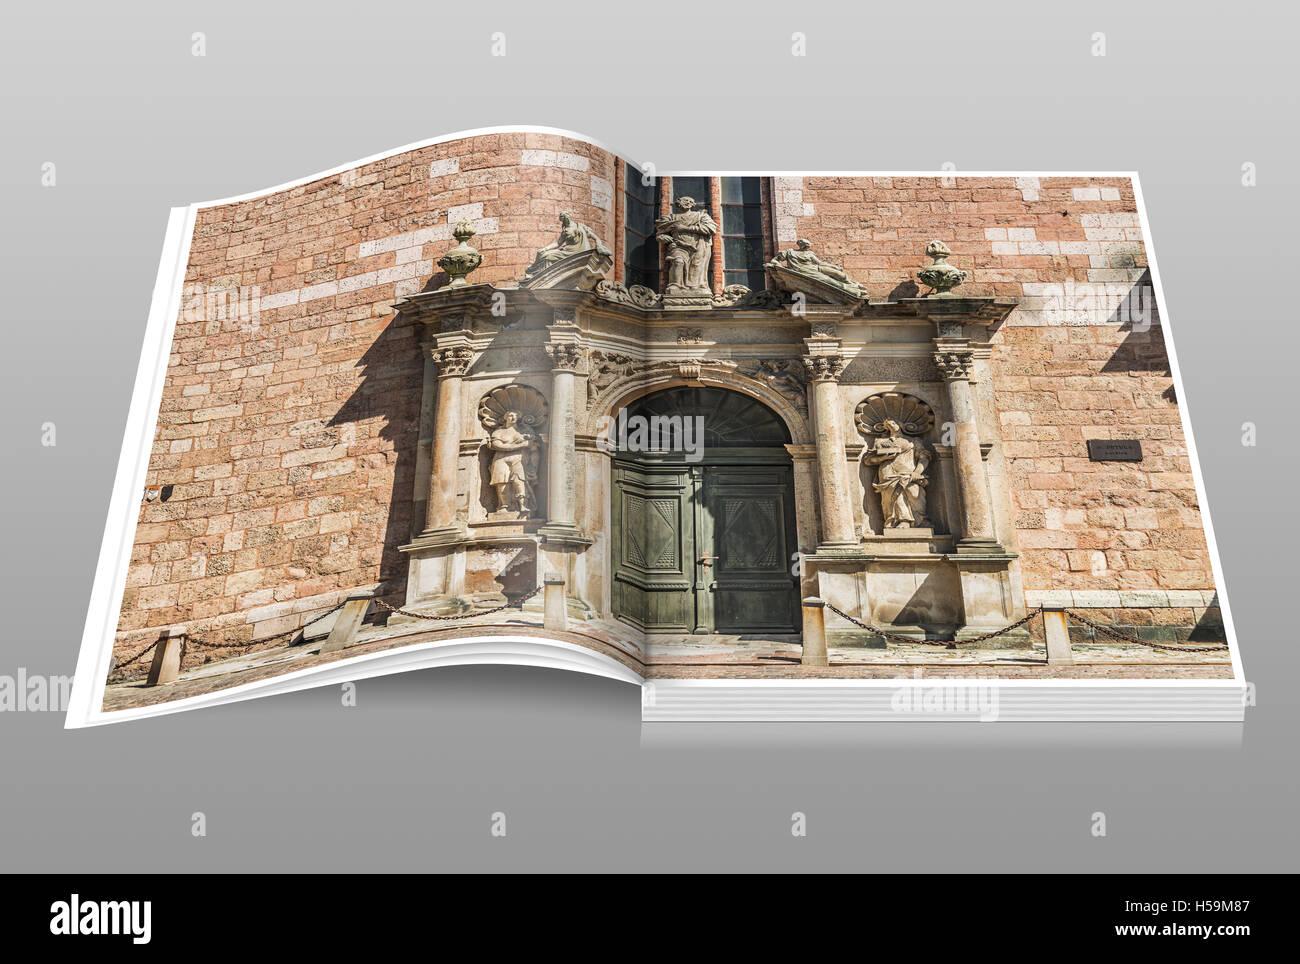 Portal der St. Peter Kirche. Die Kirche wurde erstmals erwähnt im Jahr 1209, Riga, Lettland, Baltikum, Europa Stockbild